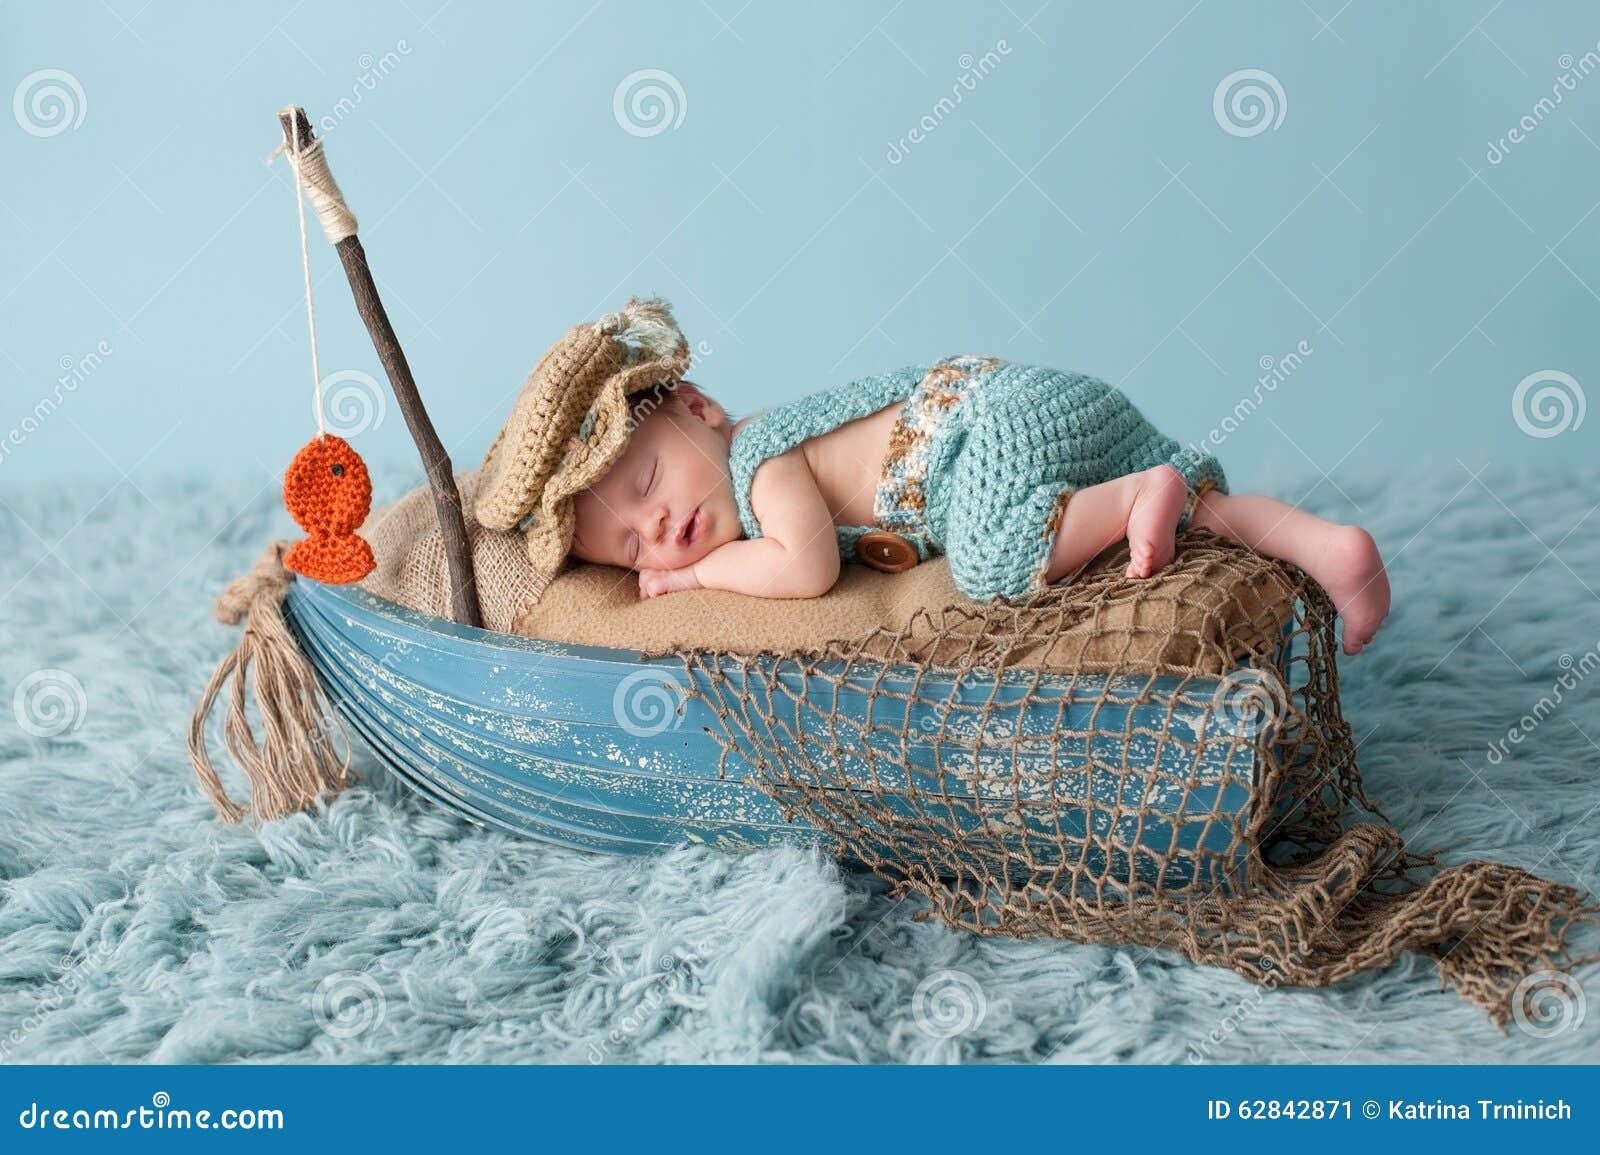 Newborn ребёнок в обмундировании рыболова